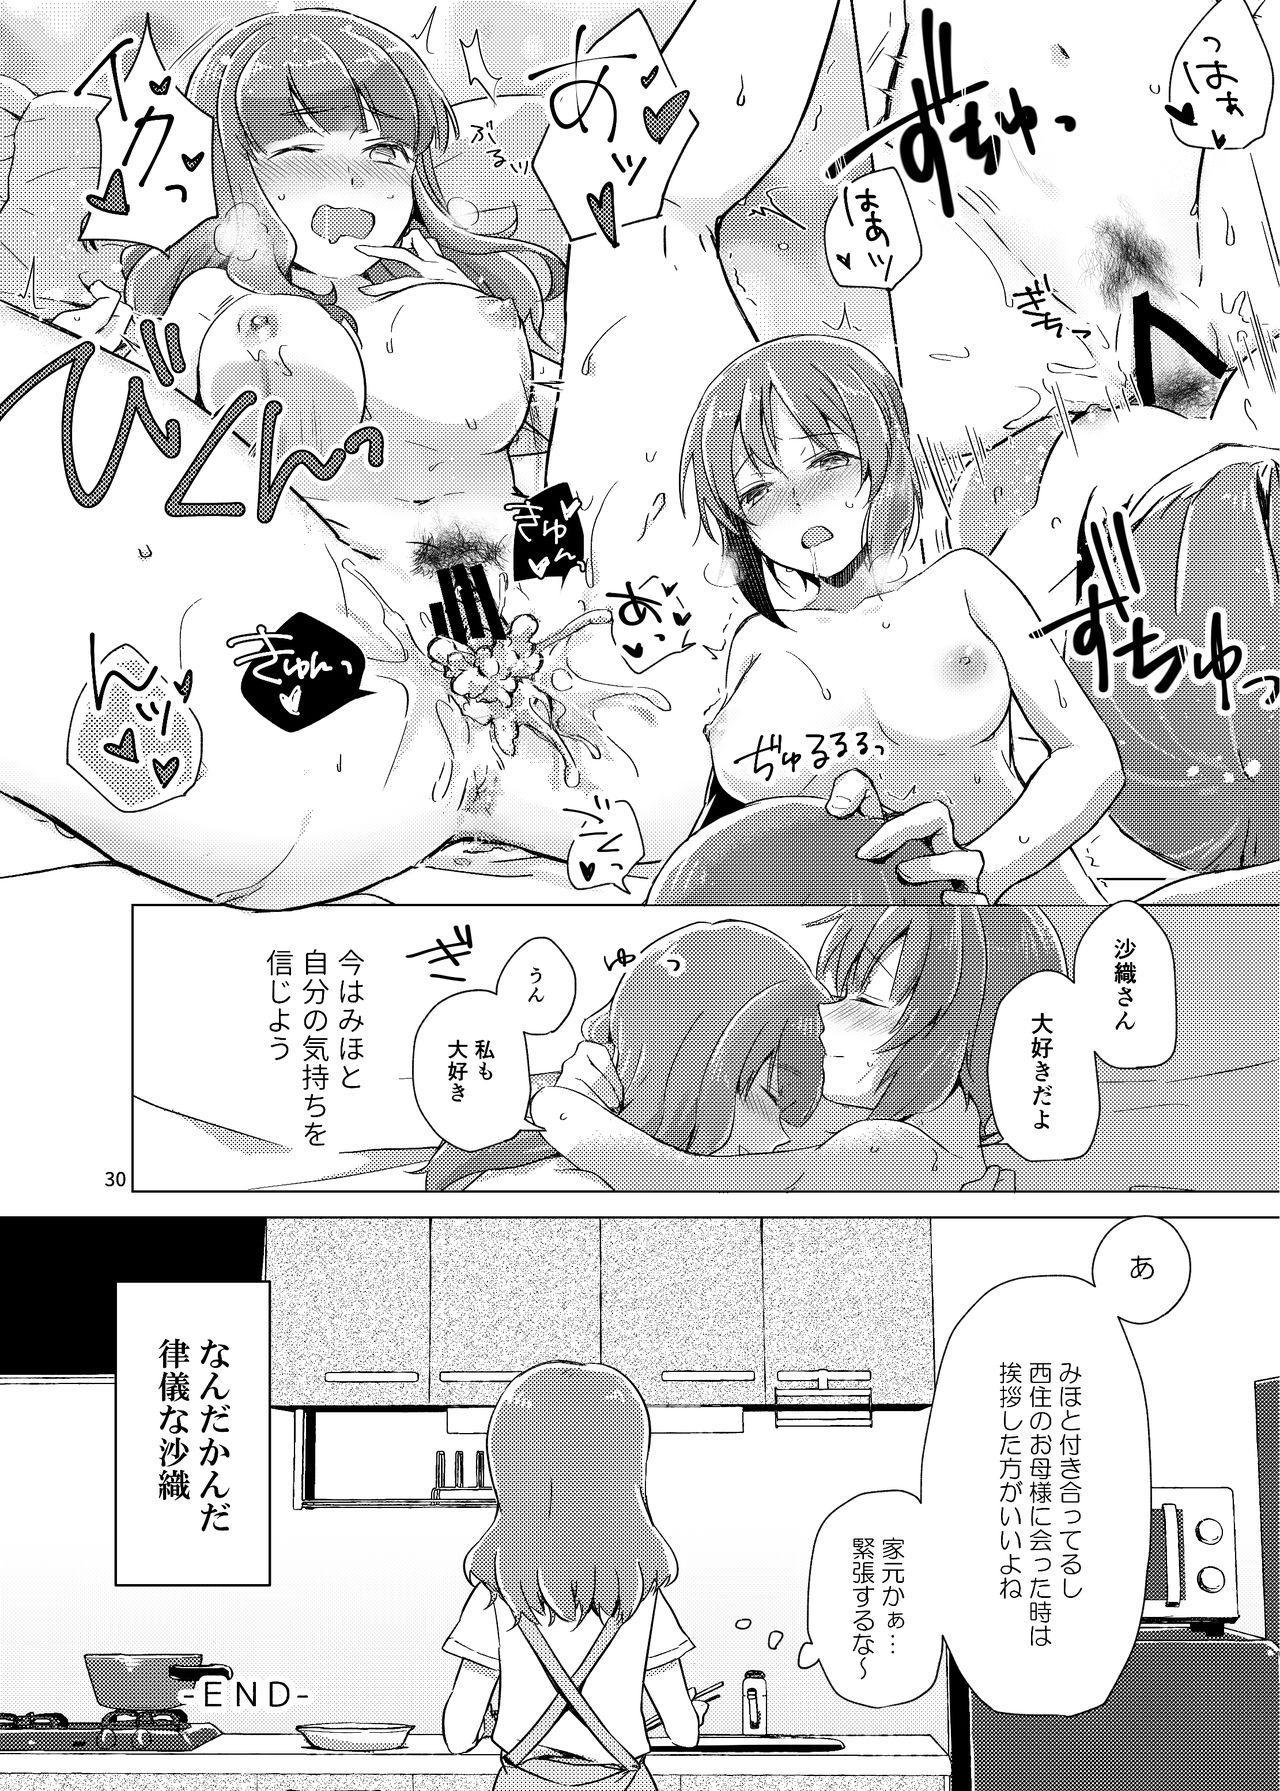 Saori-san, Tsukiatte Kudasai! 28